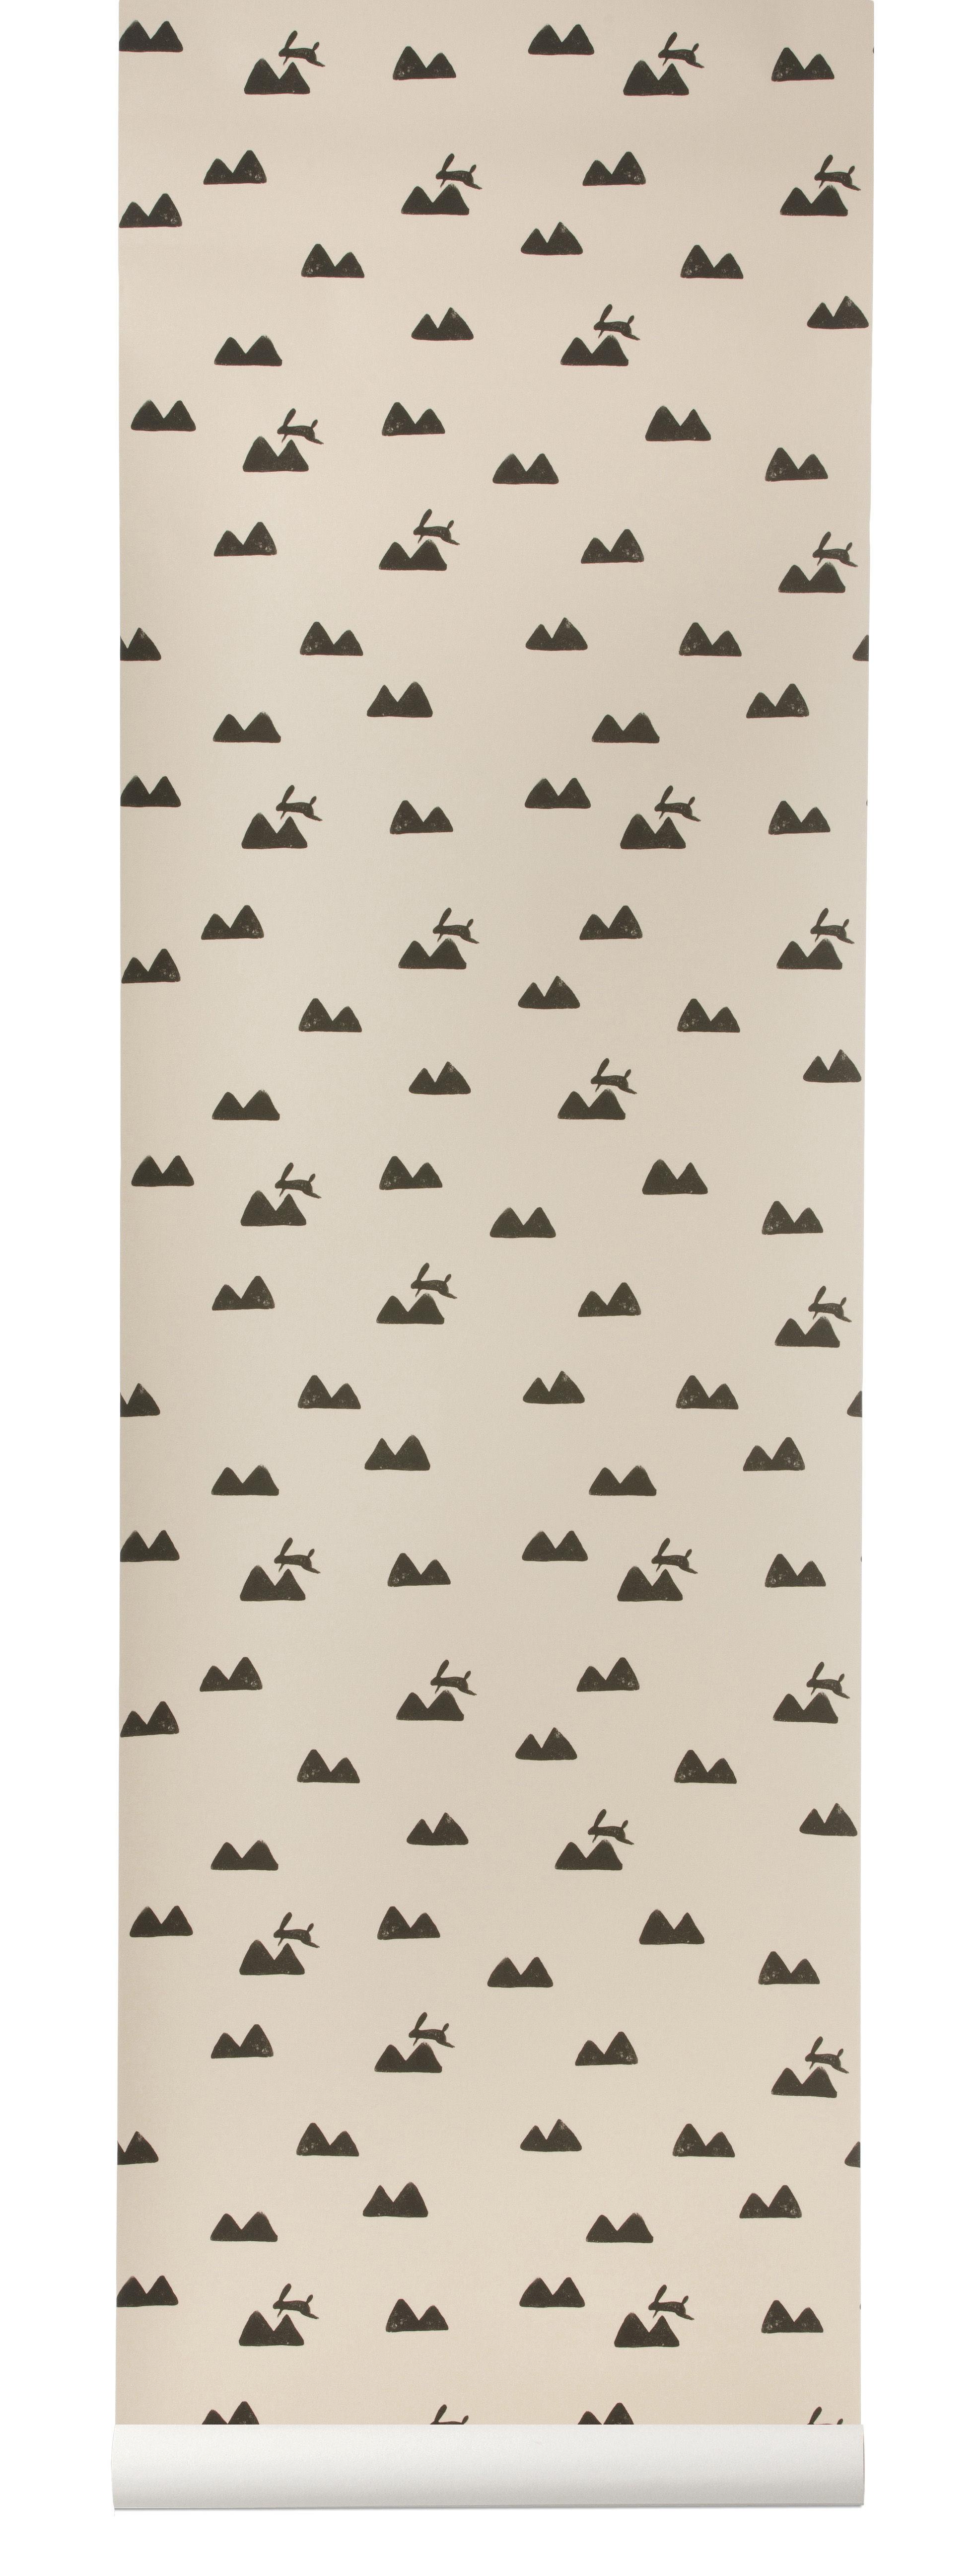 Déco - Pour les enfants - Papier peint Rabbit / 1 rouleau - Larg 53 cm - Ferm Living - Rose / Noir - Toile intissée